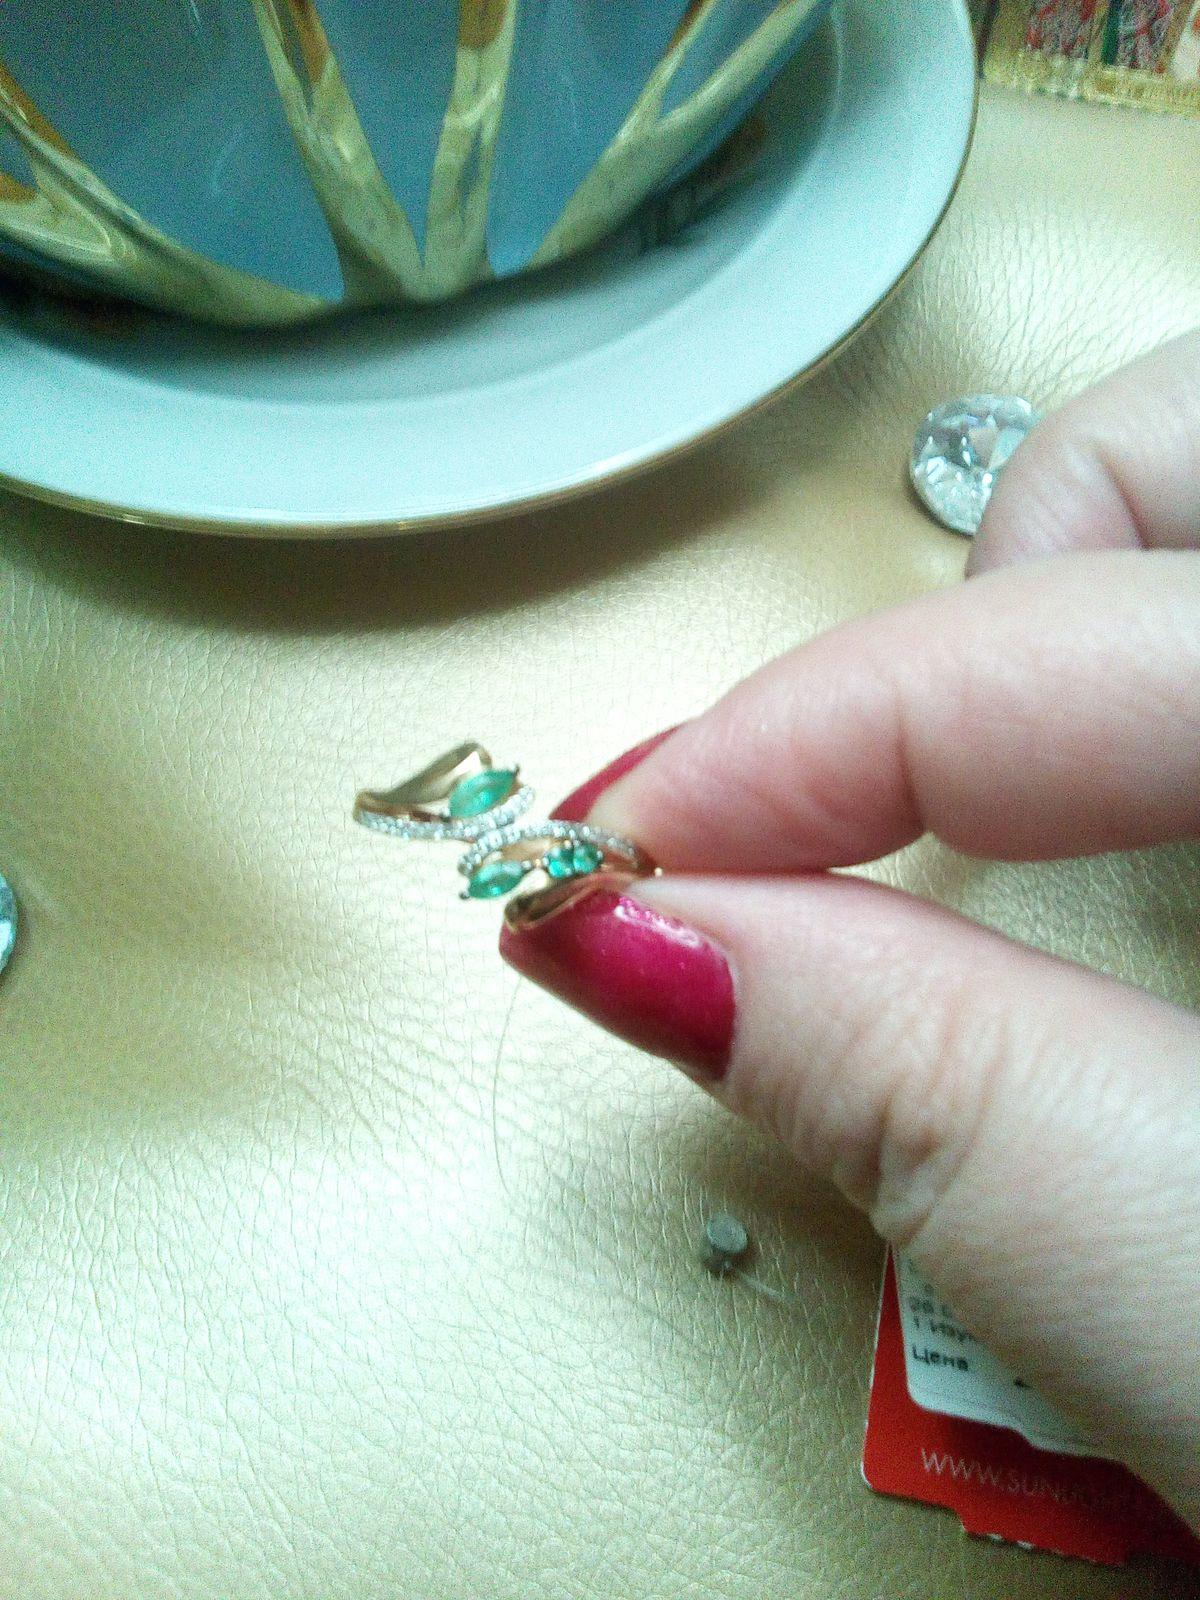 Очень красивое кольцо, высокая посадка, красивый дизайн, смотрится богато!